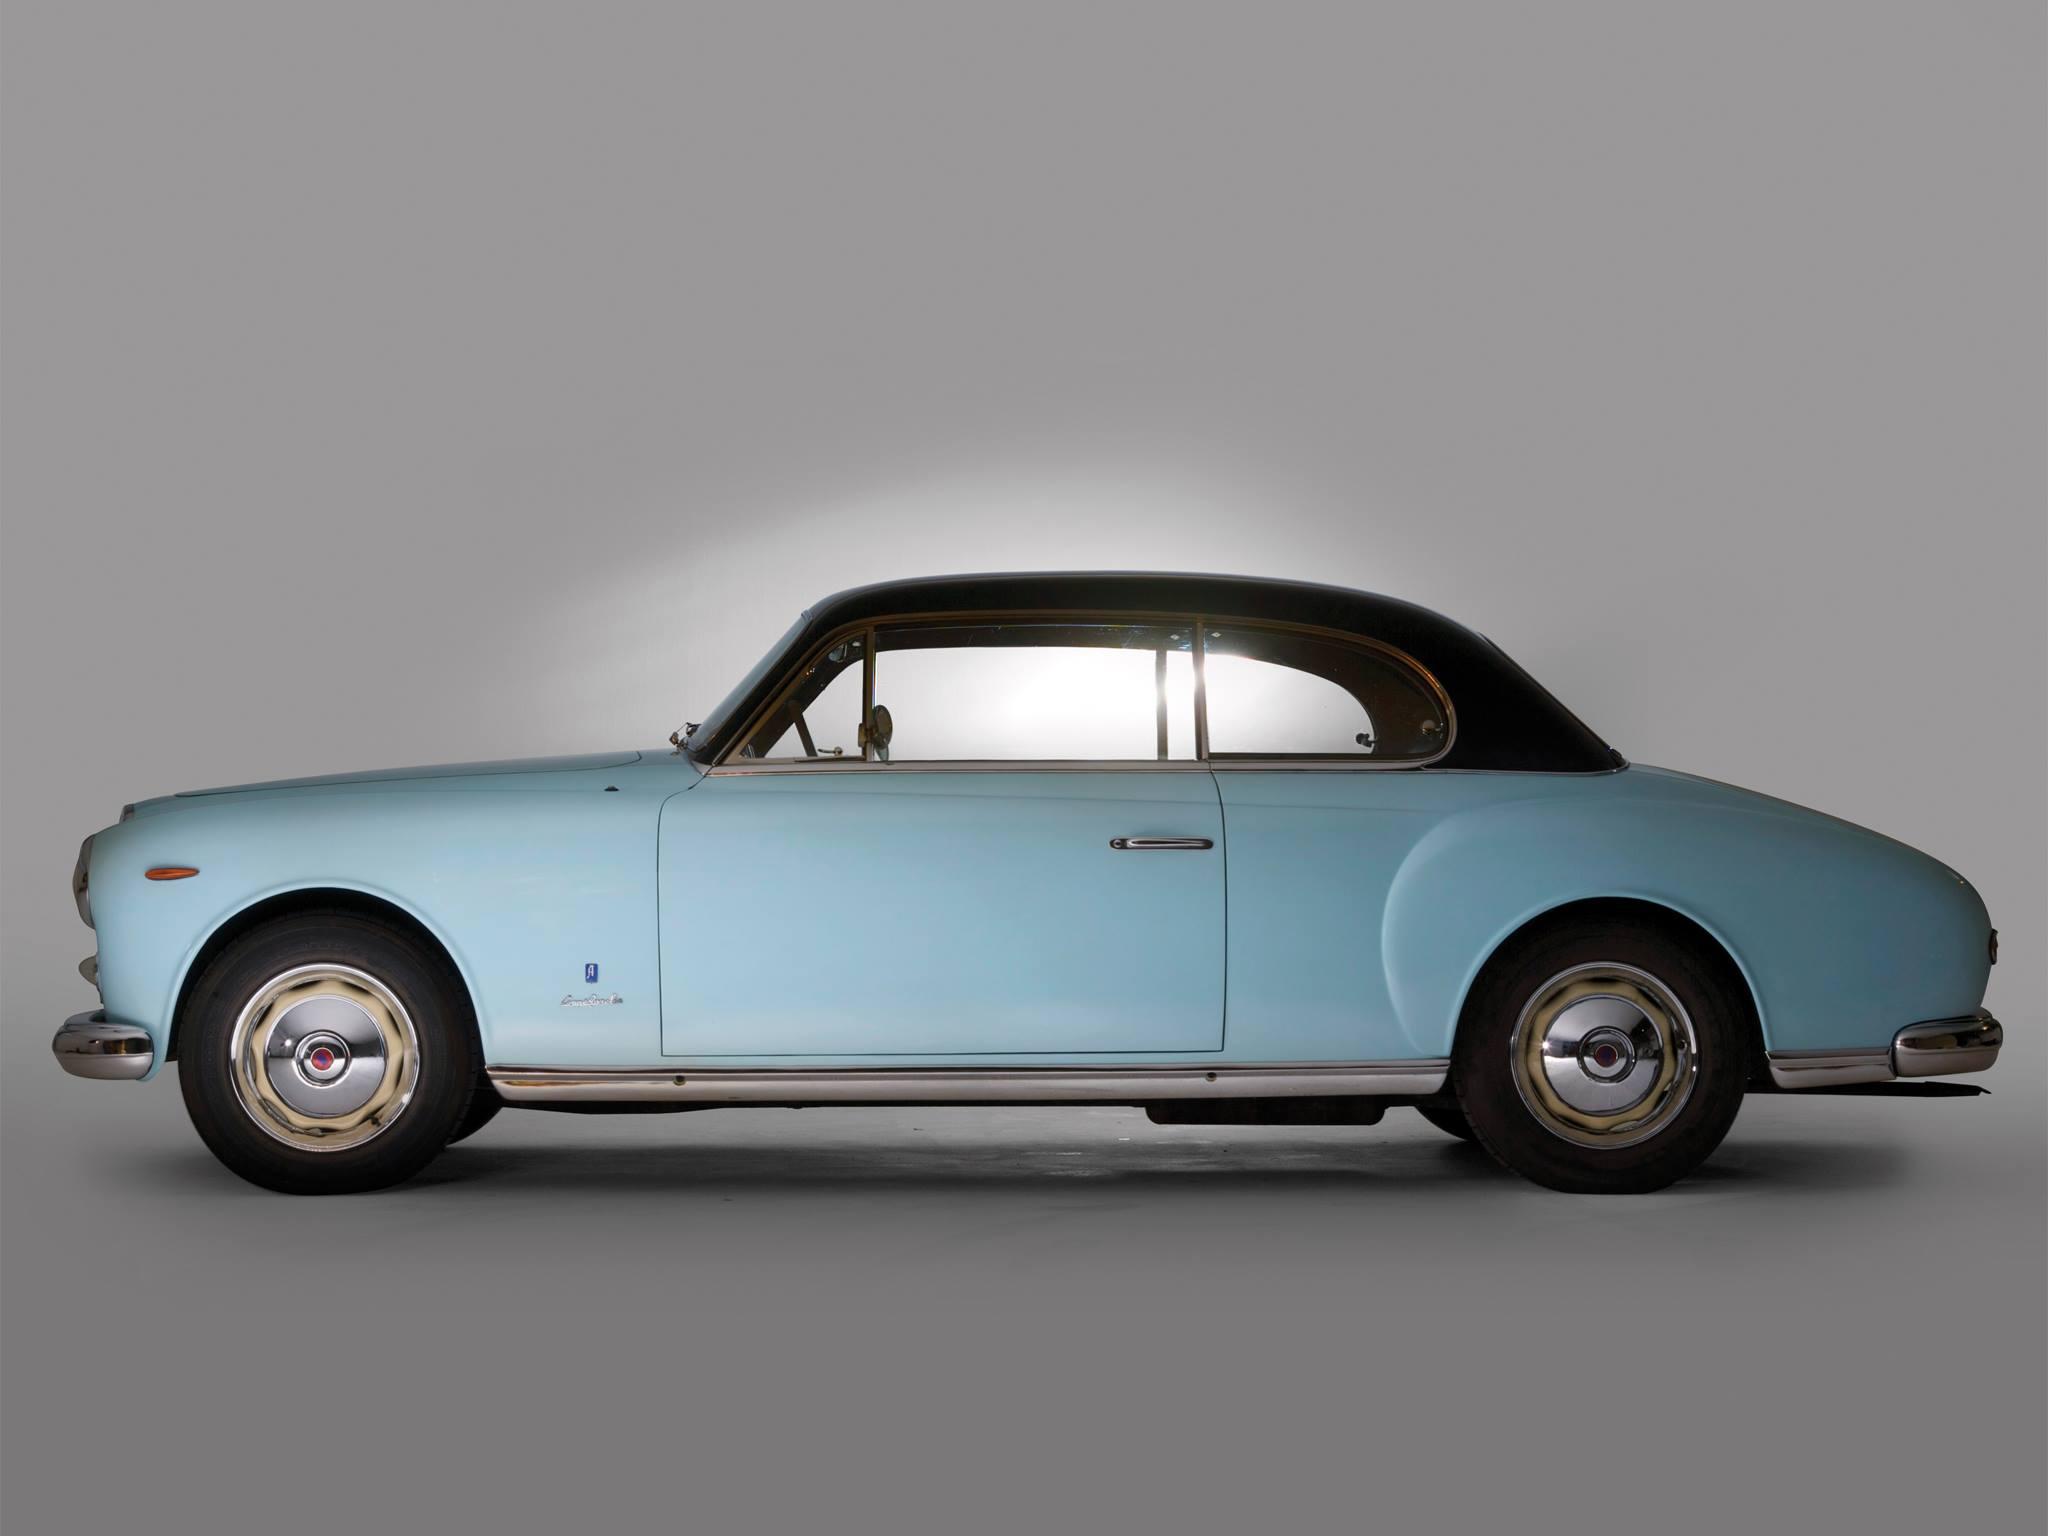 Lancia-Aurelia-Coupe-1952-5